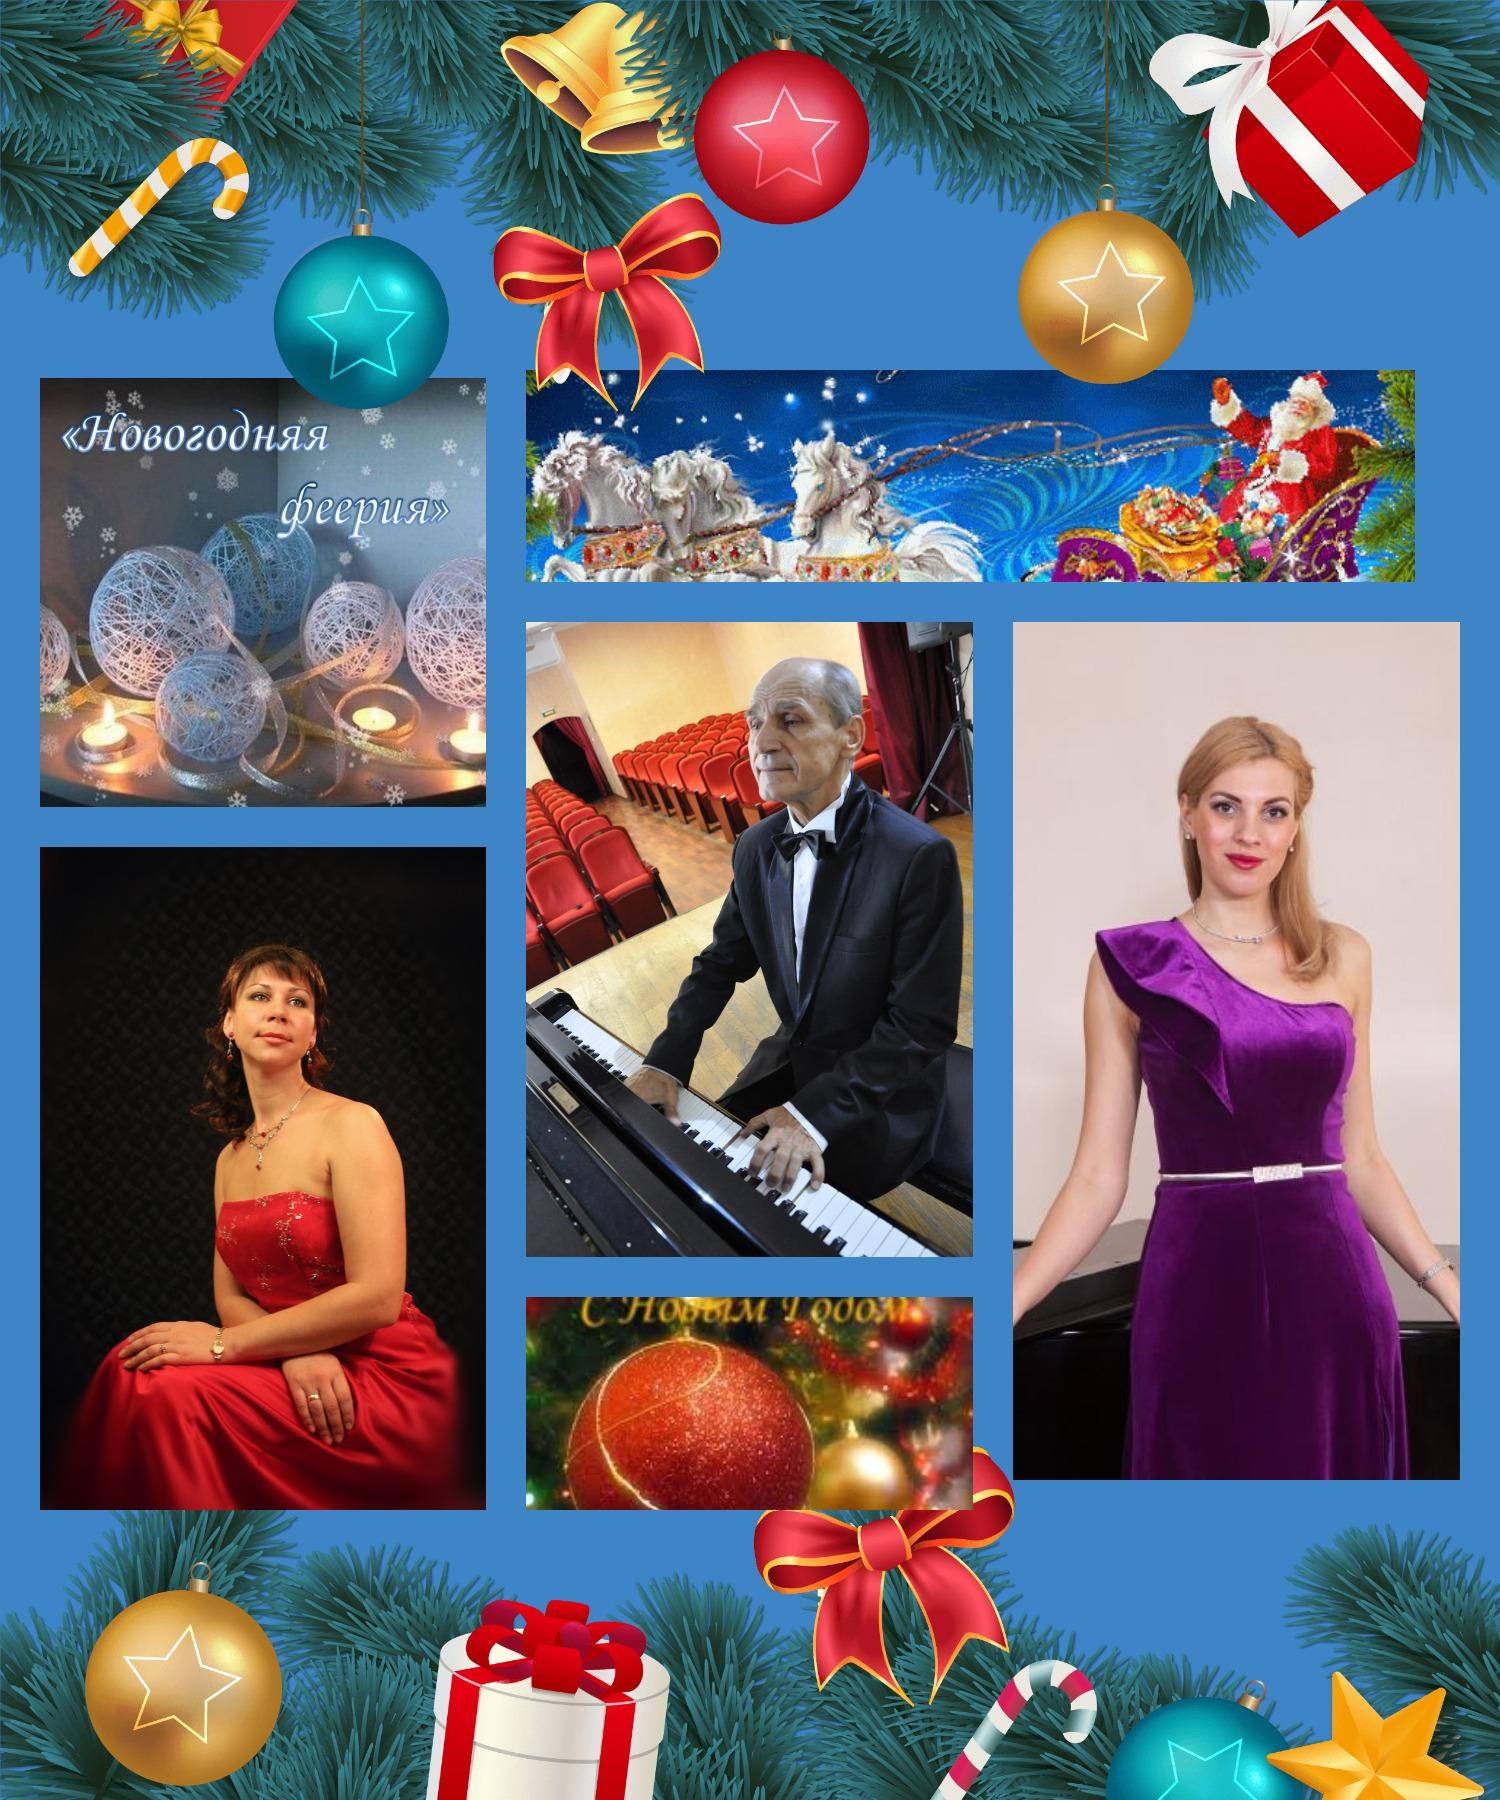 7 января Весёлый Хоровод у Новогодней ёлки, с участием Деда Мороза и Снегурочки «Делу-время, потехе-час»